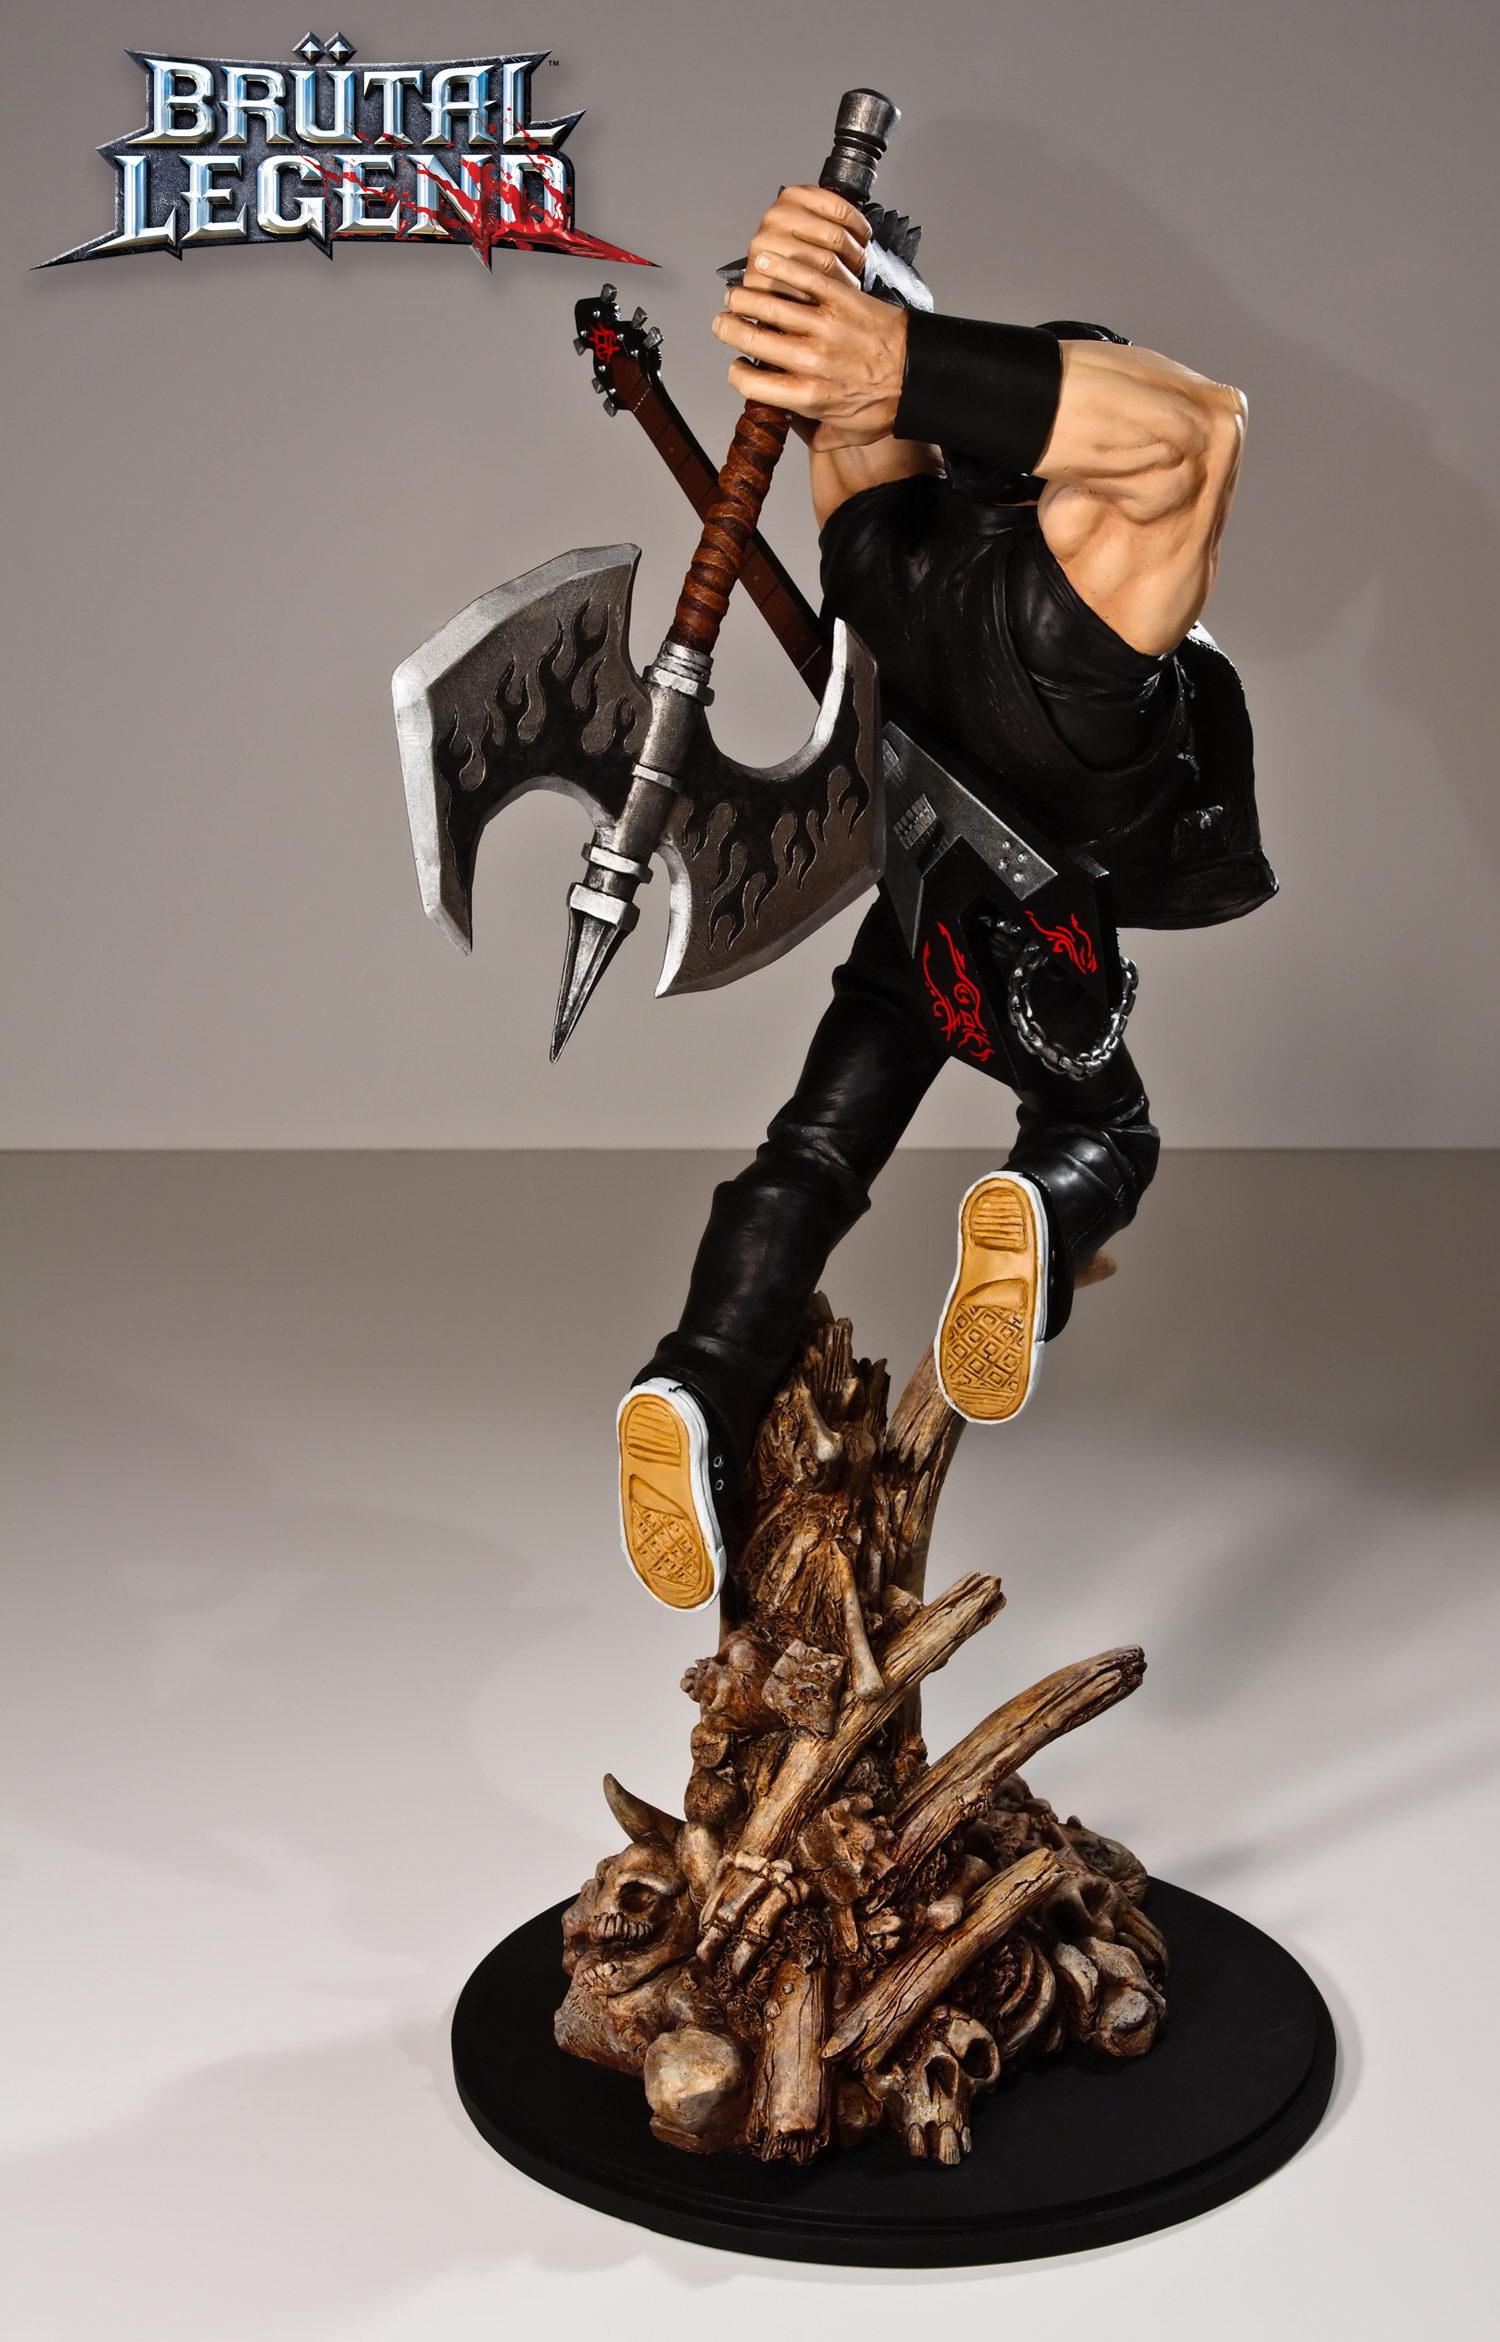 BrutalLegend EddieRiggs Figurine004